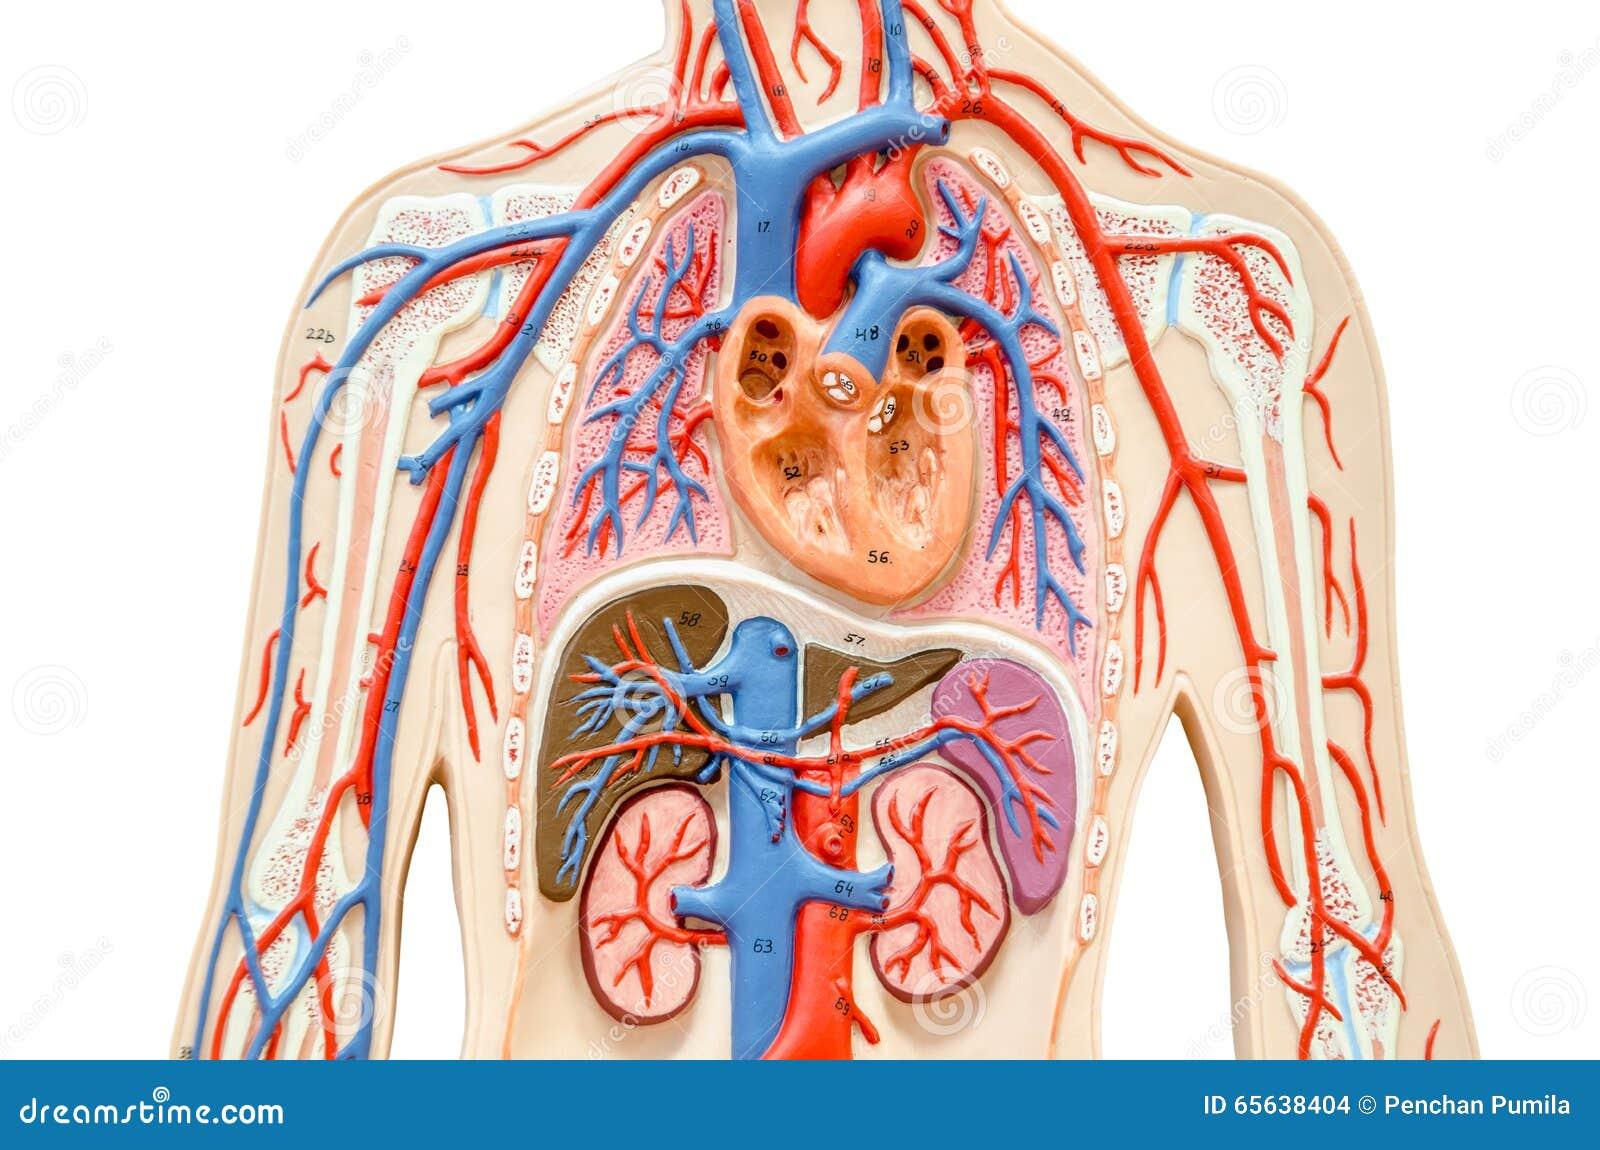 Wzorcowy ciało ludzkie z wątróbką, cynaderki, płucami i sercem,